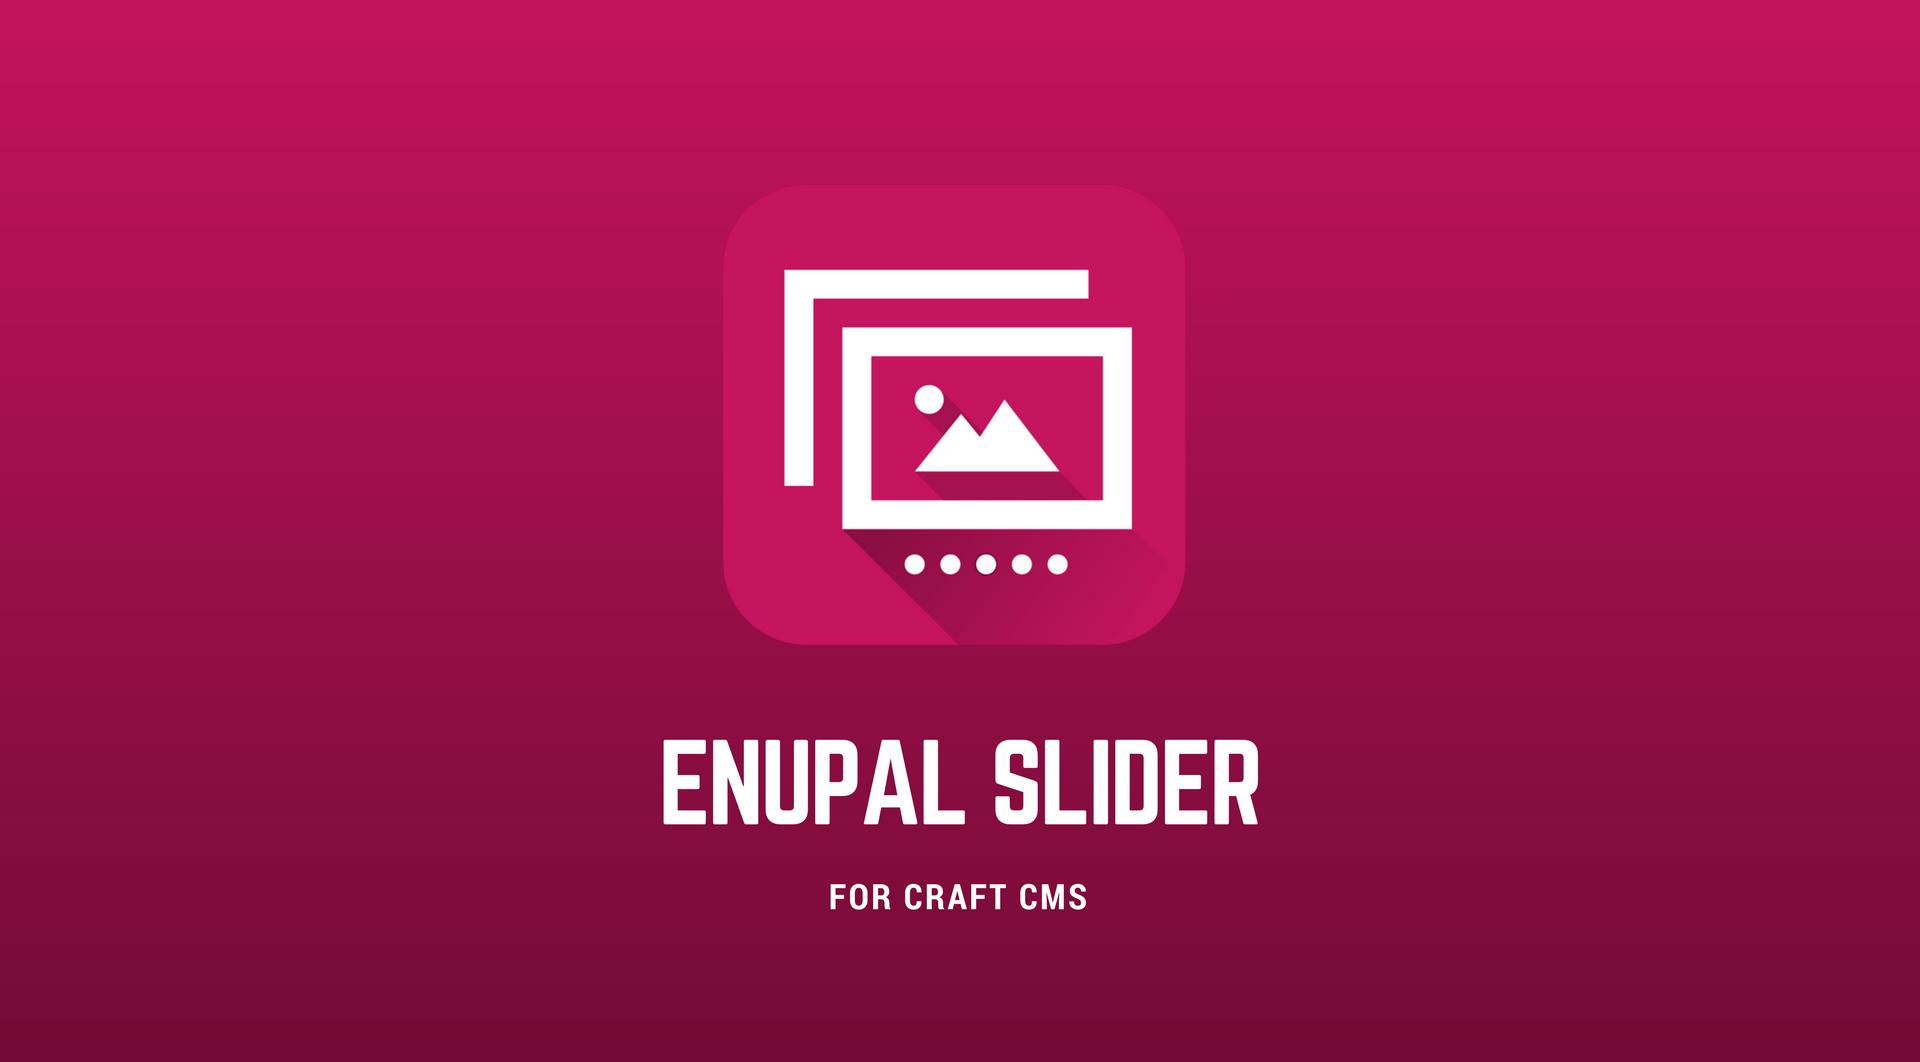 Enupal Slider